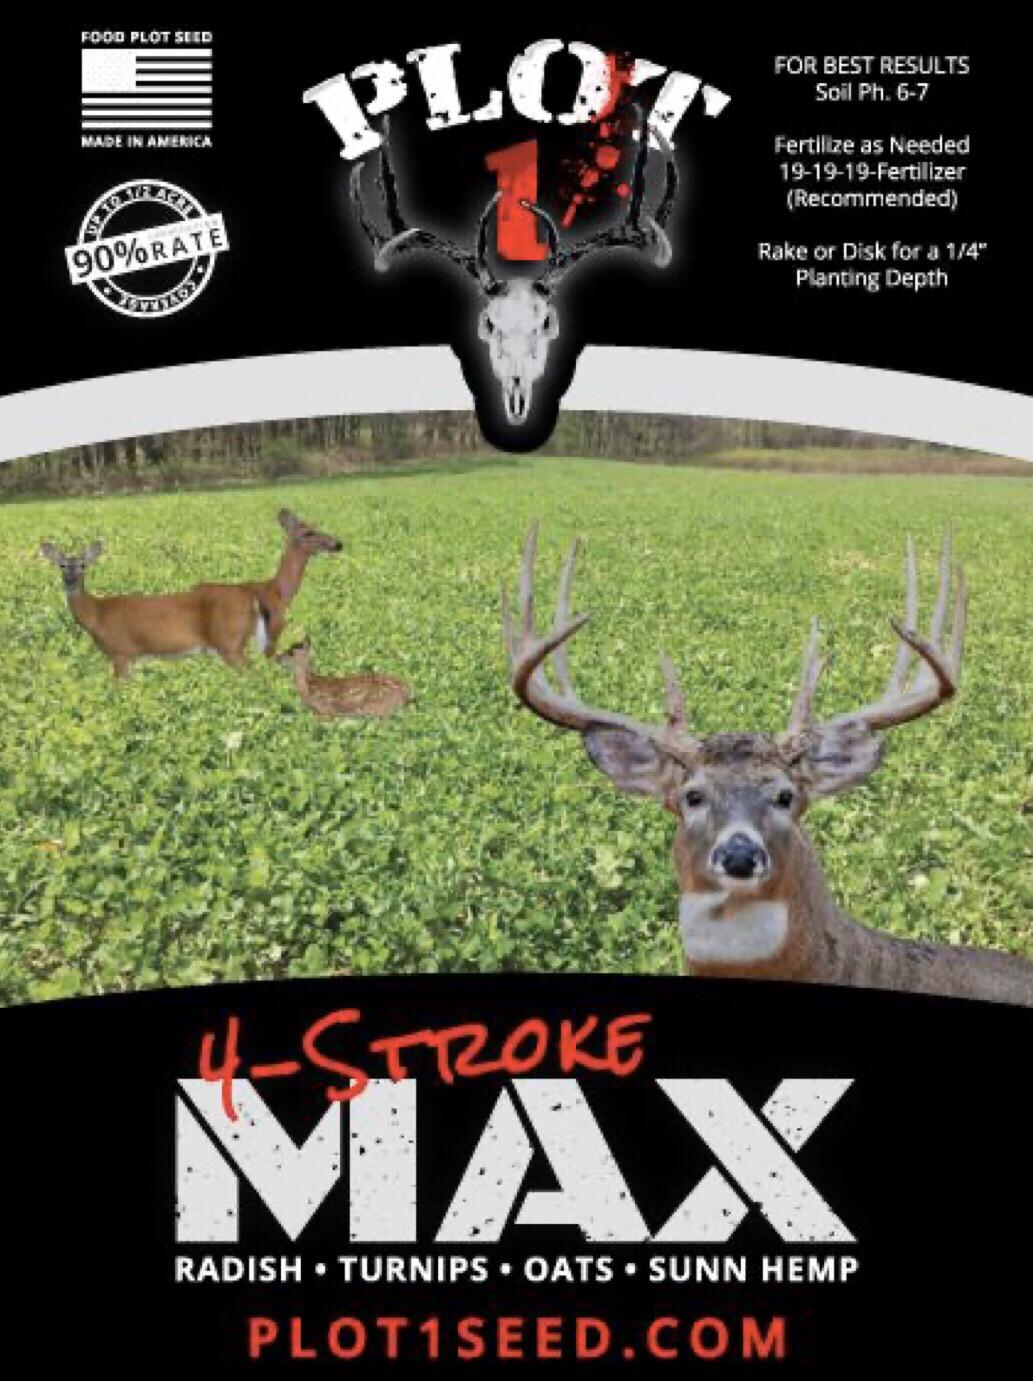 4 Stroke Max